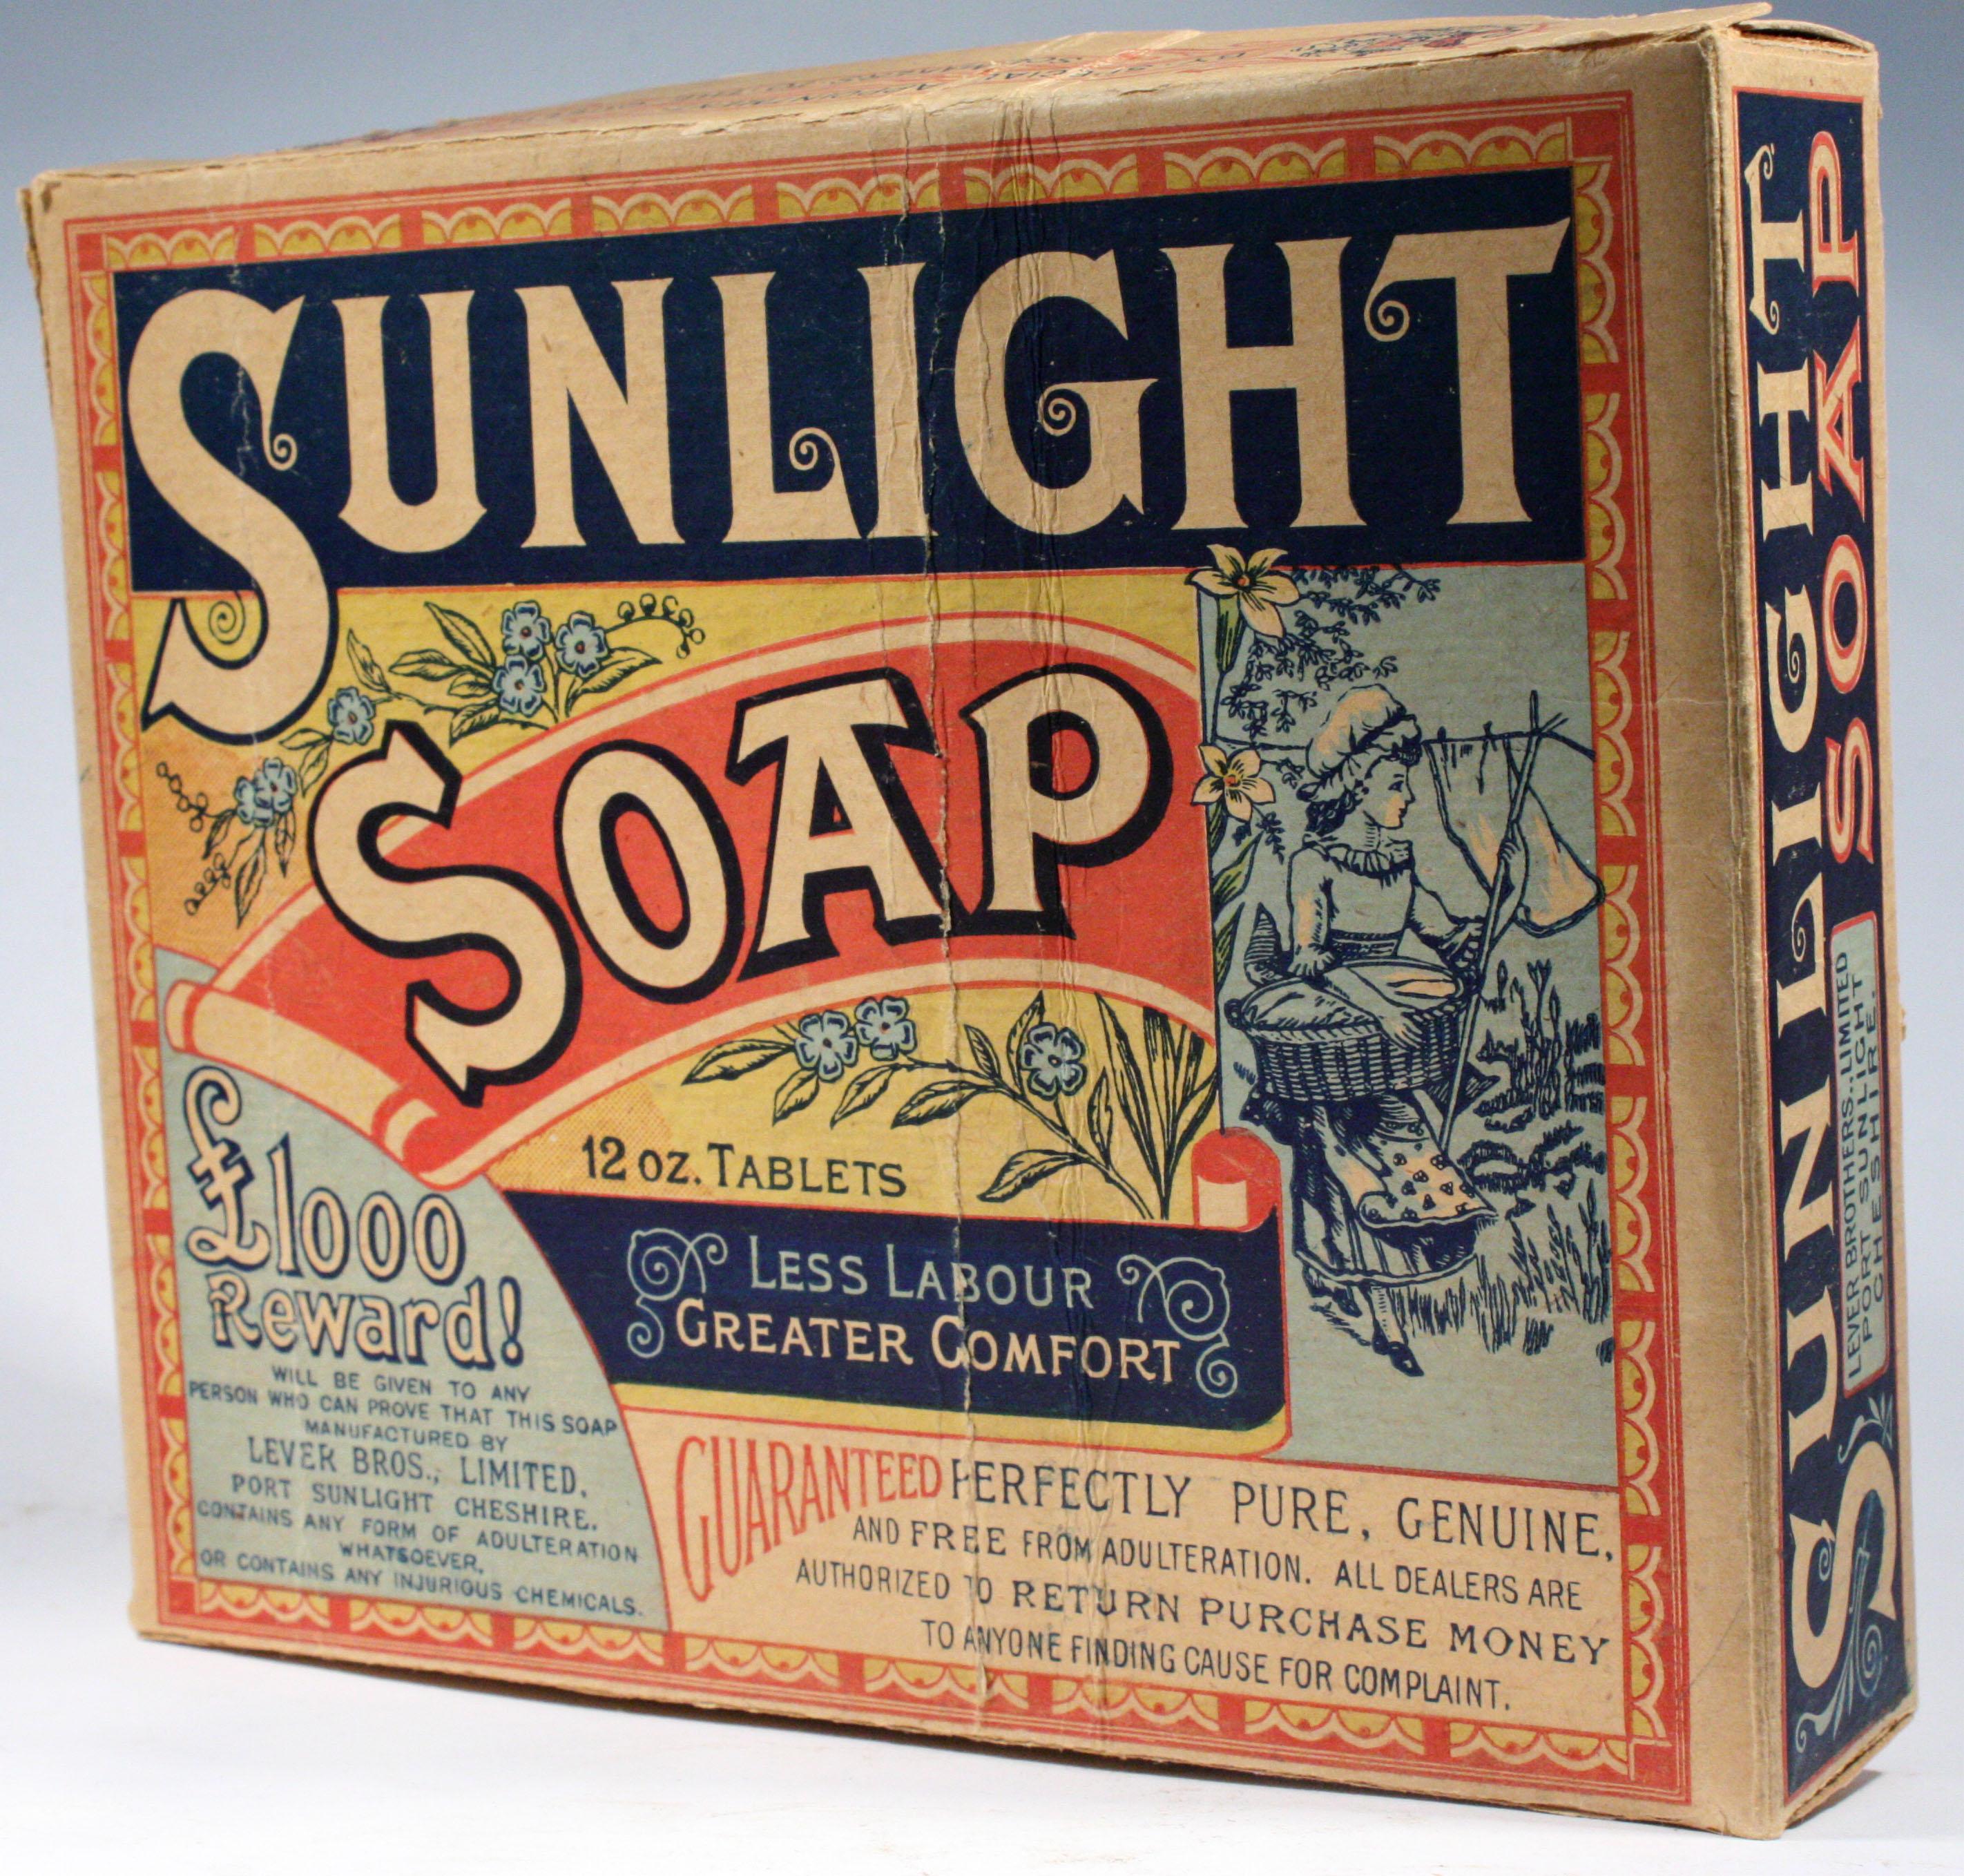 First Bar of Sunlight Soap